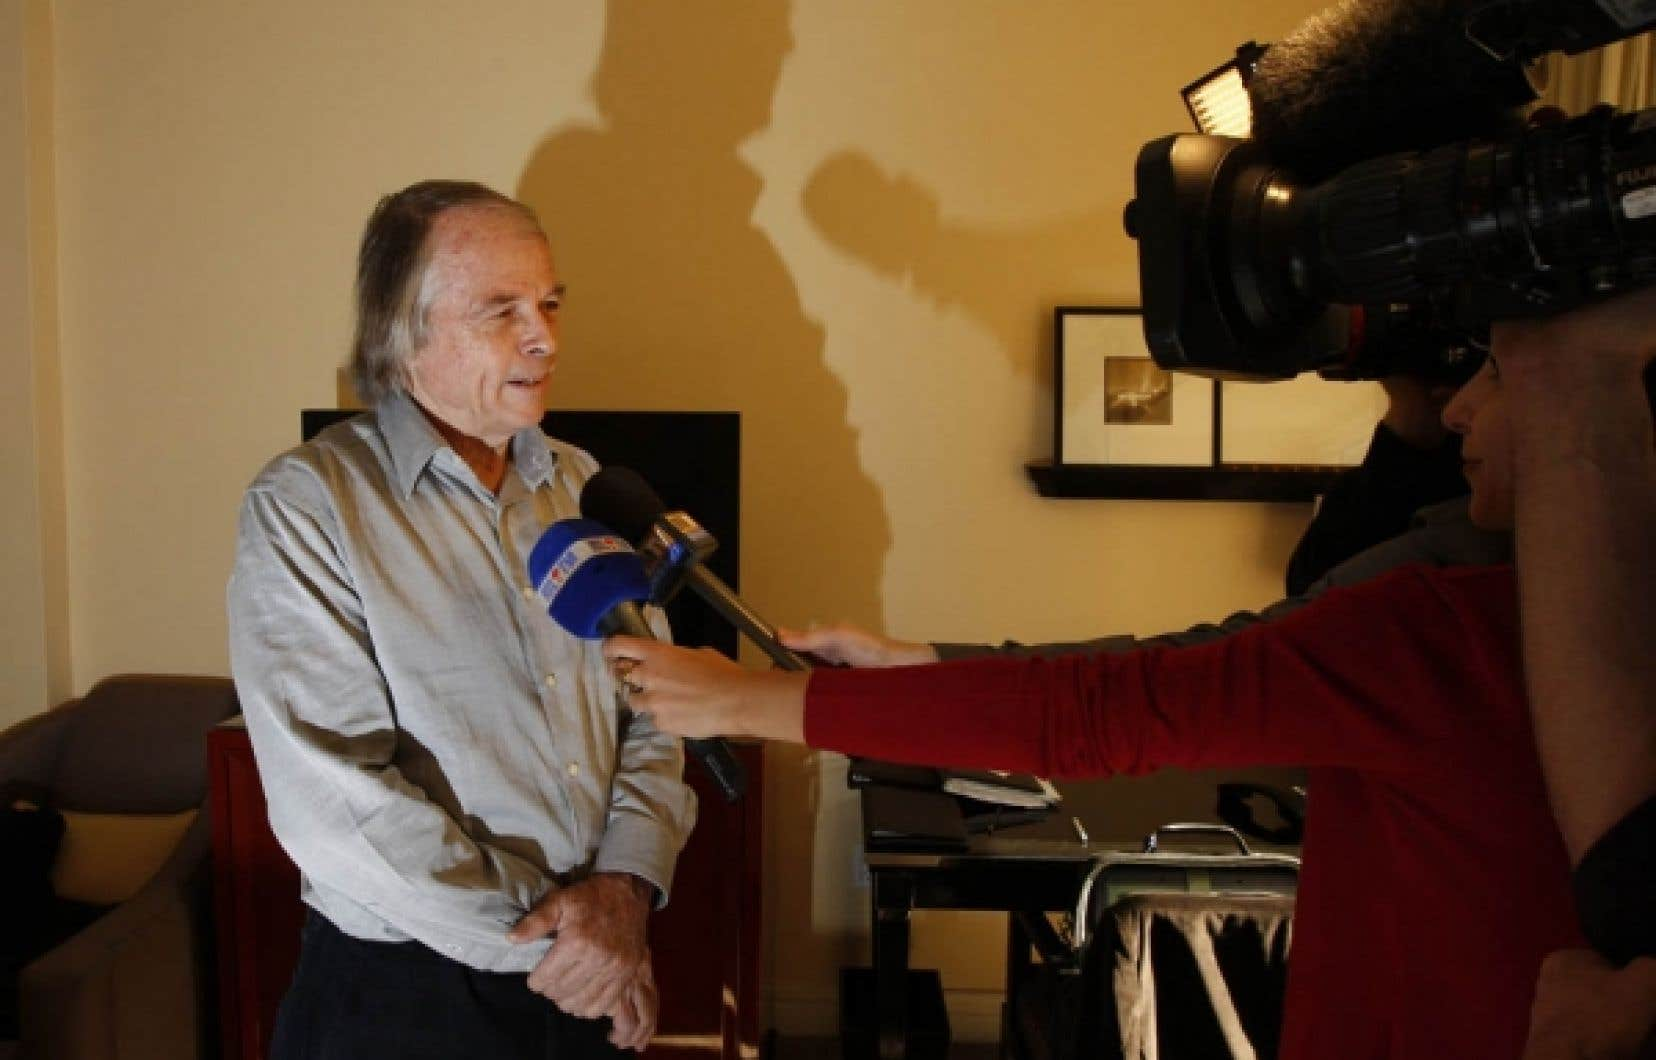 Le chef de chirurgie orthopédique et traumatologique de l'hôpital de la Pitié-Salpêtrière, Yves Catonné, a répondu aux questions des journalistes, hier à l'hôpital Cedars-Sinaï de Los Angeles.